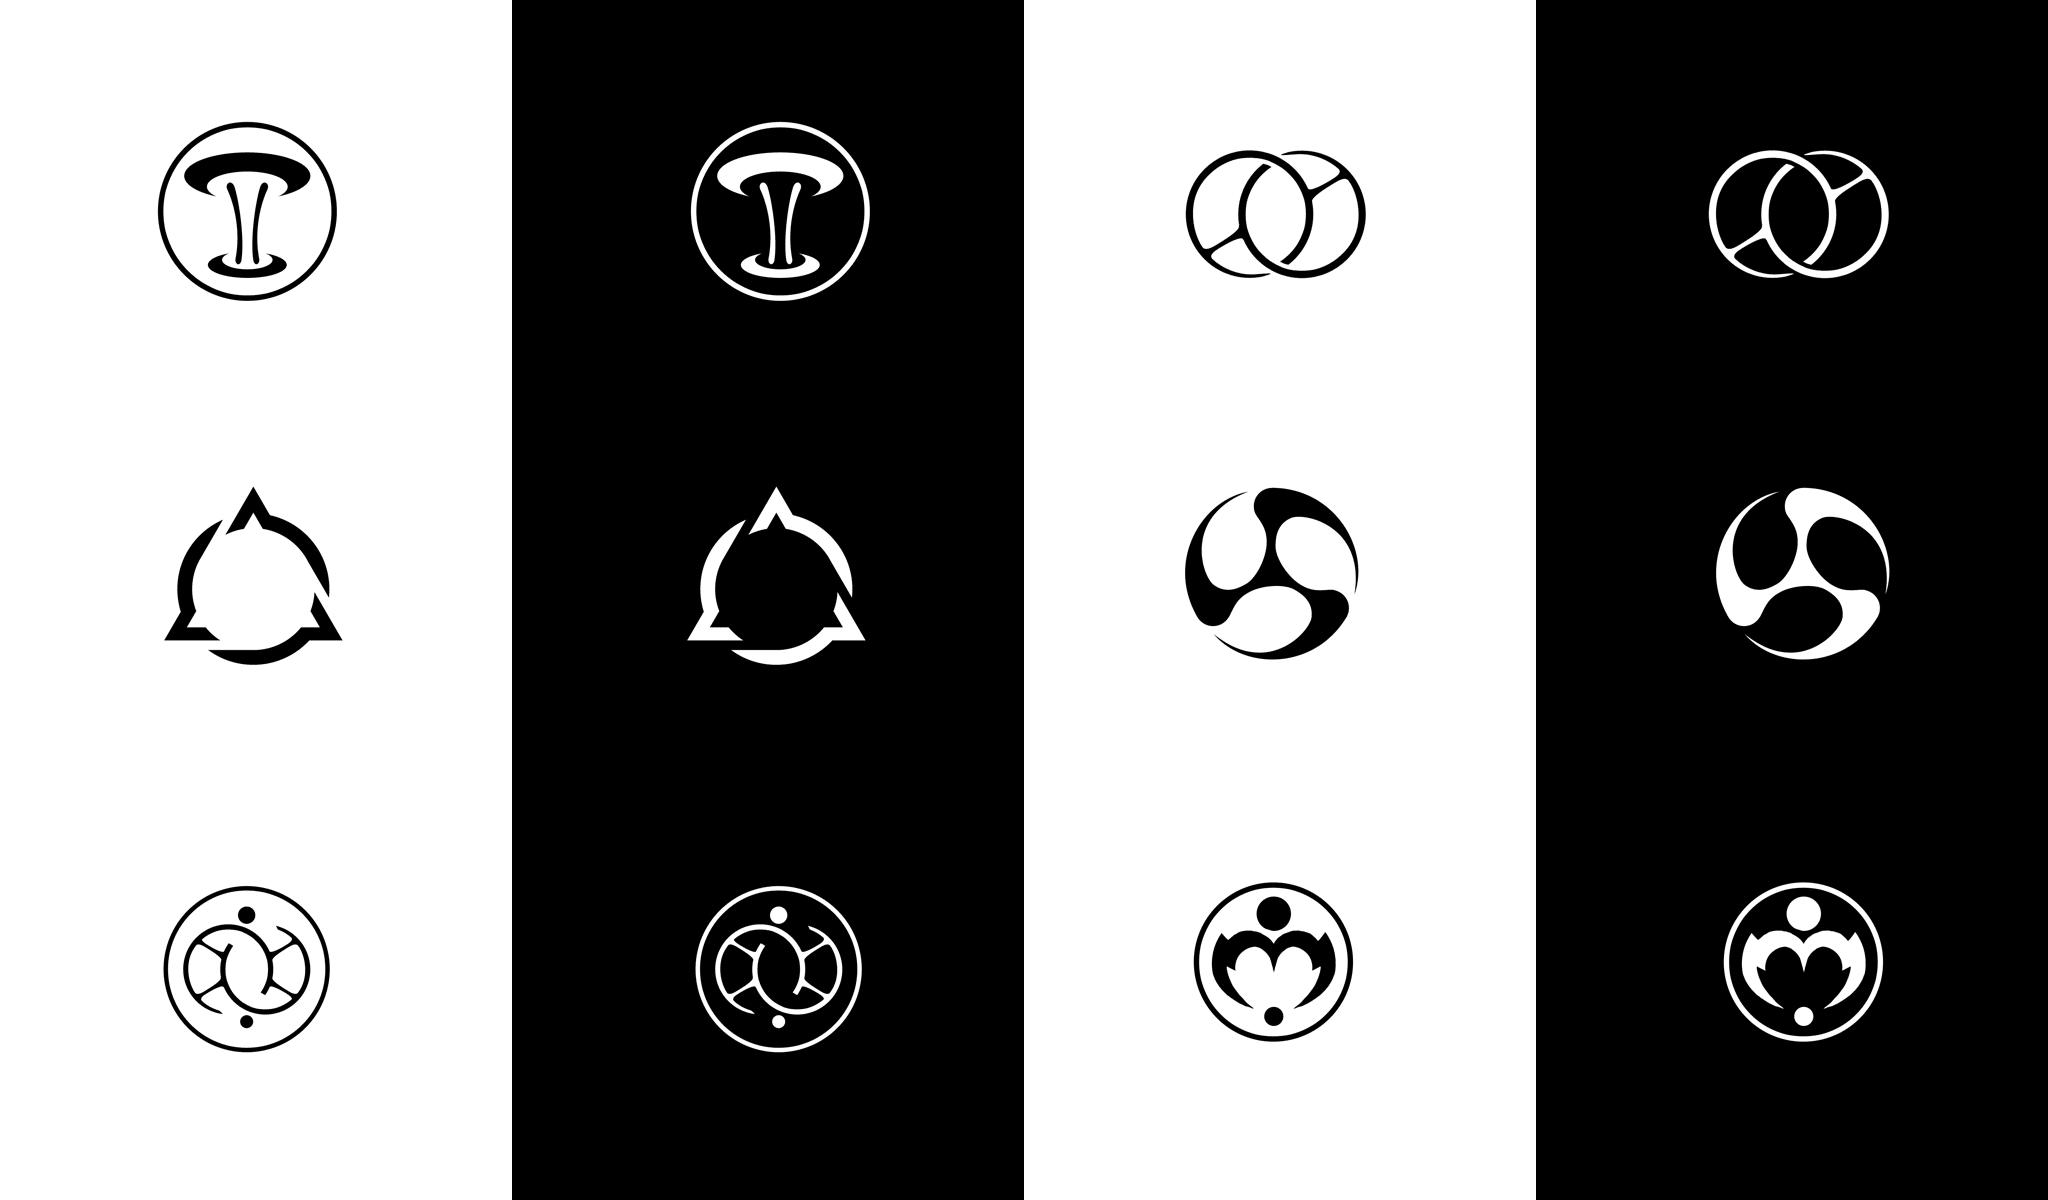 jedno-duchost-logo-brainstorming